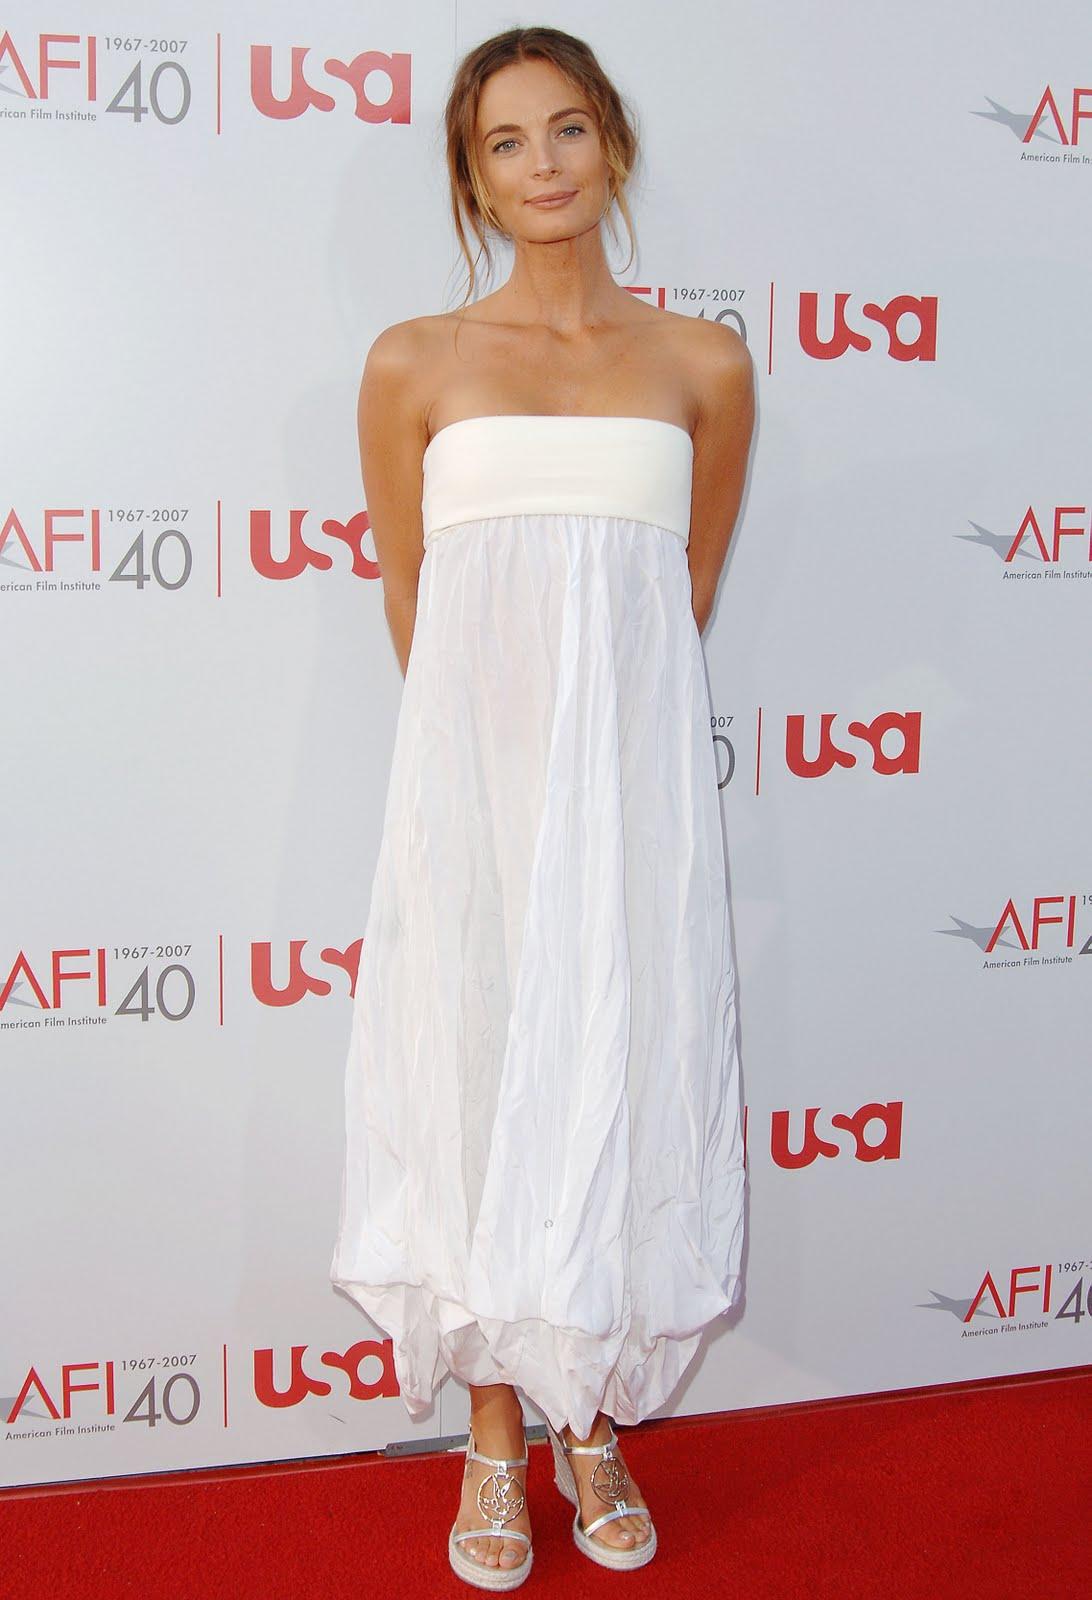 Feet Gabrielle Anwar nudes (54 photos), Pussy, Cleavage, Feet, lingerie 2020